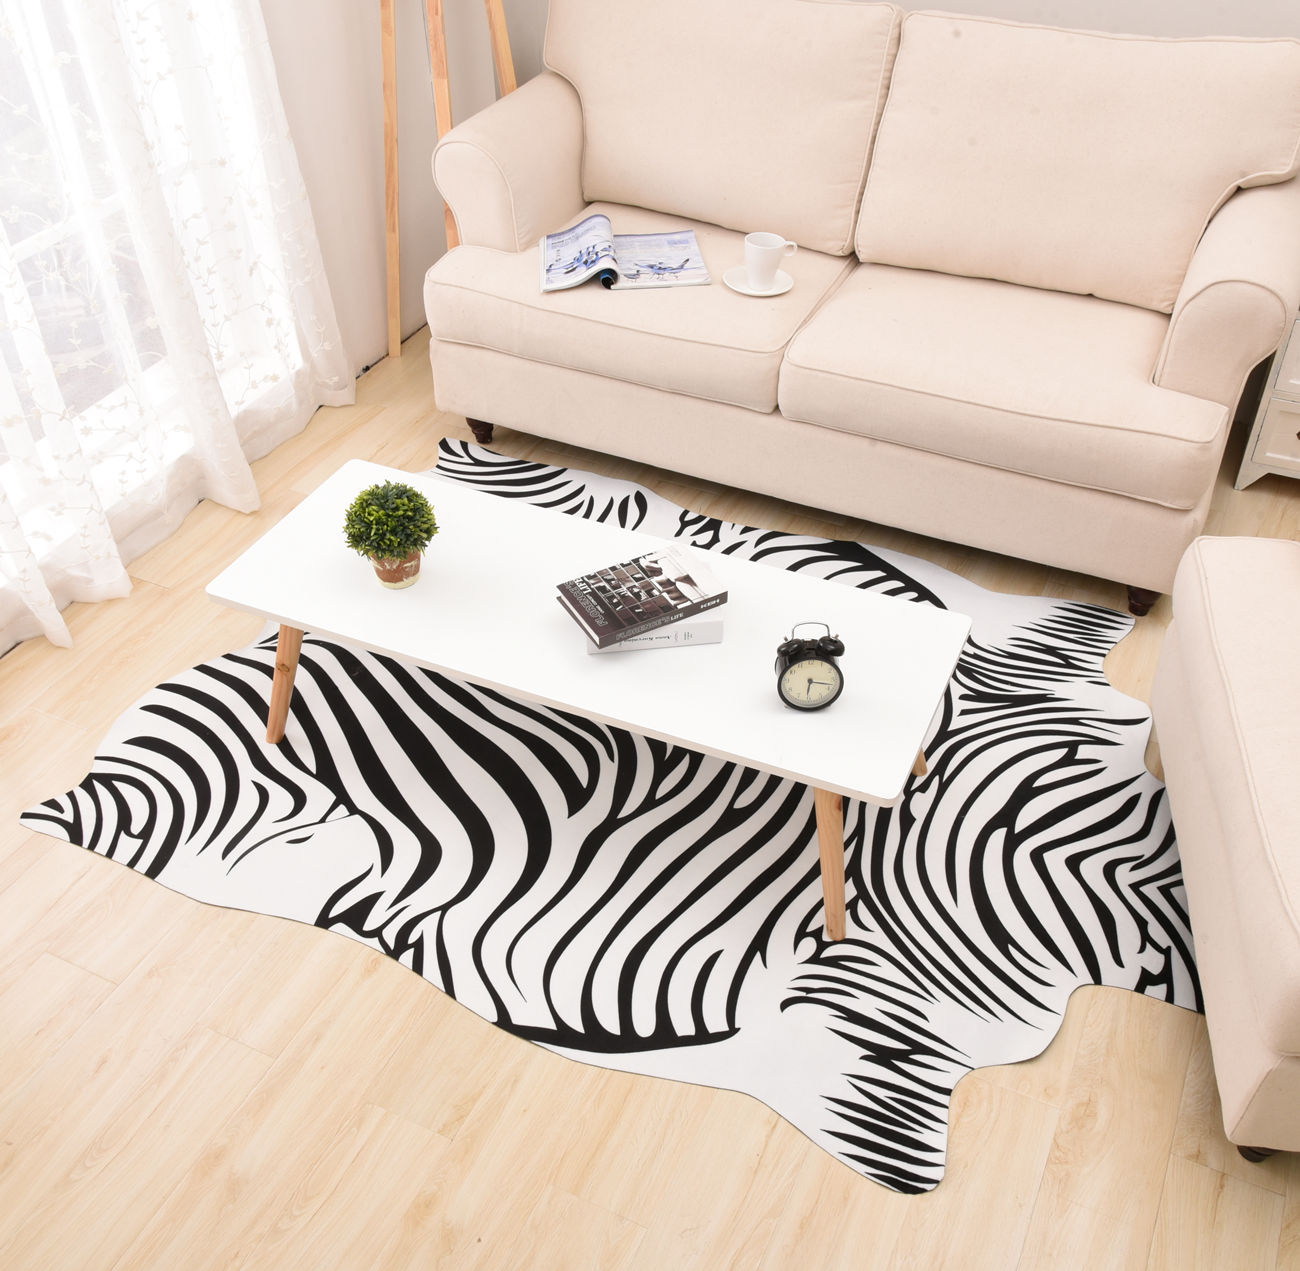 Außergewöhnlich Tierfell Teppich Dekoration Von Zebra/kuh Gedruckt Schwarz Weiß Pu Boden Uns